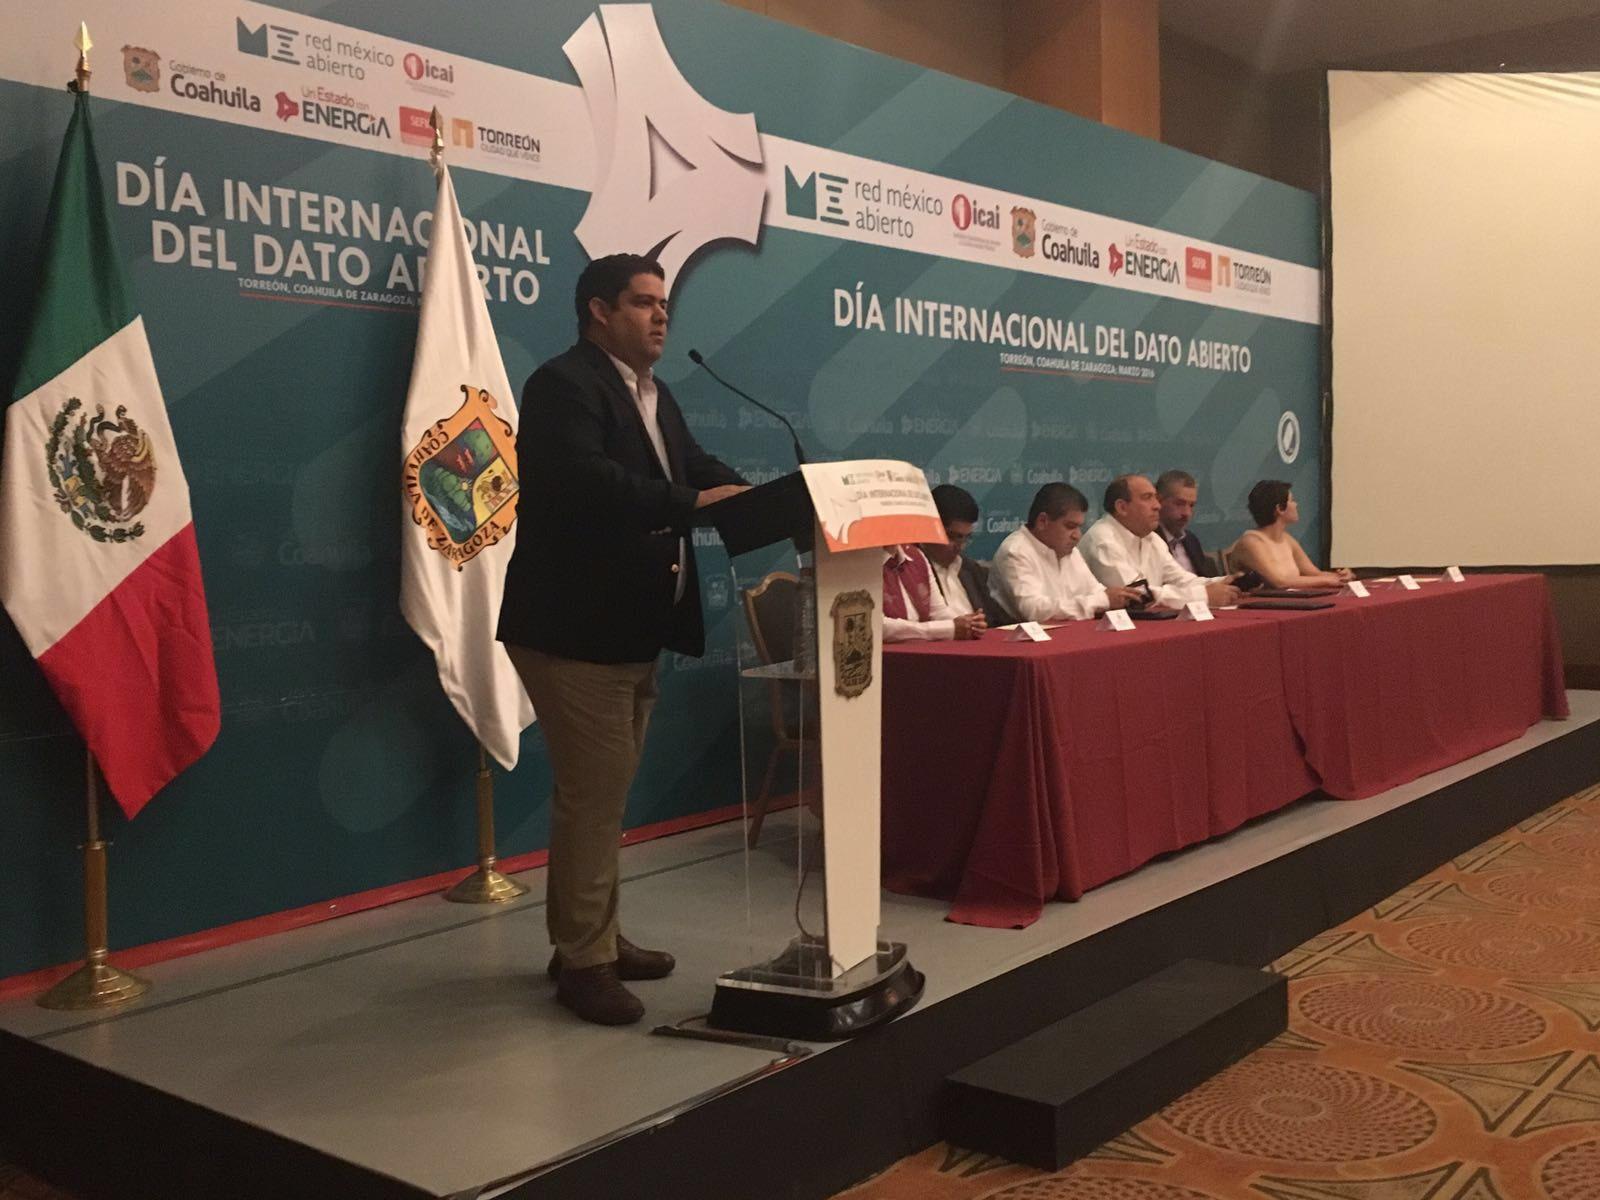 ICAI celebró el Día Internacional del Dato Abierto